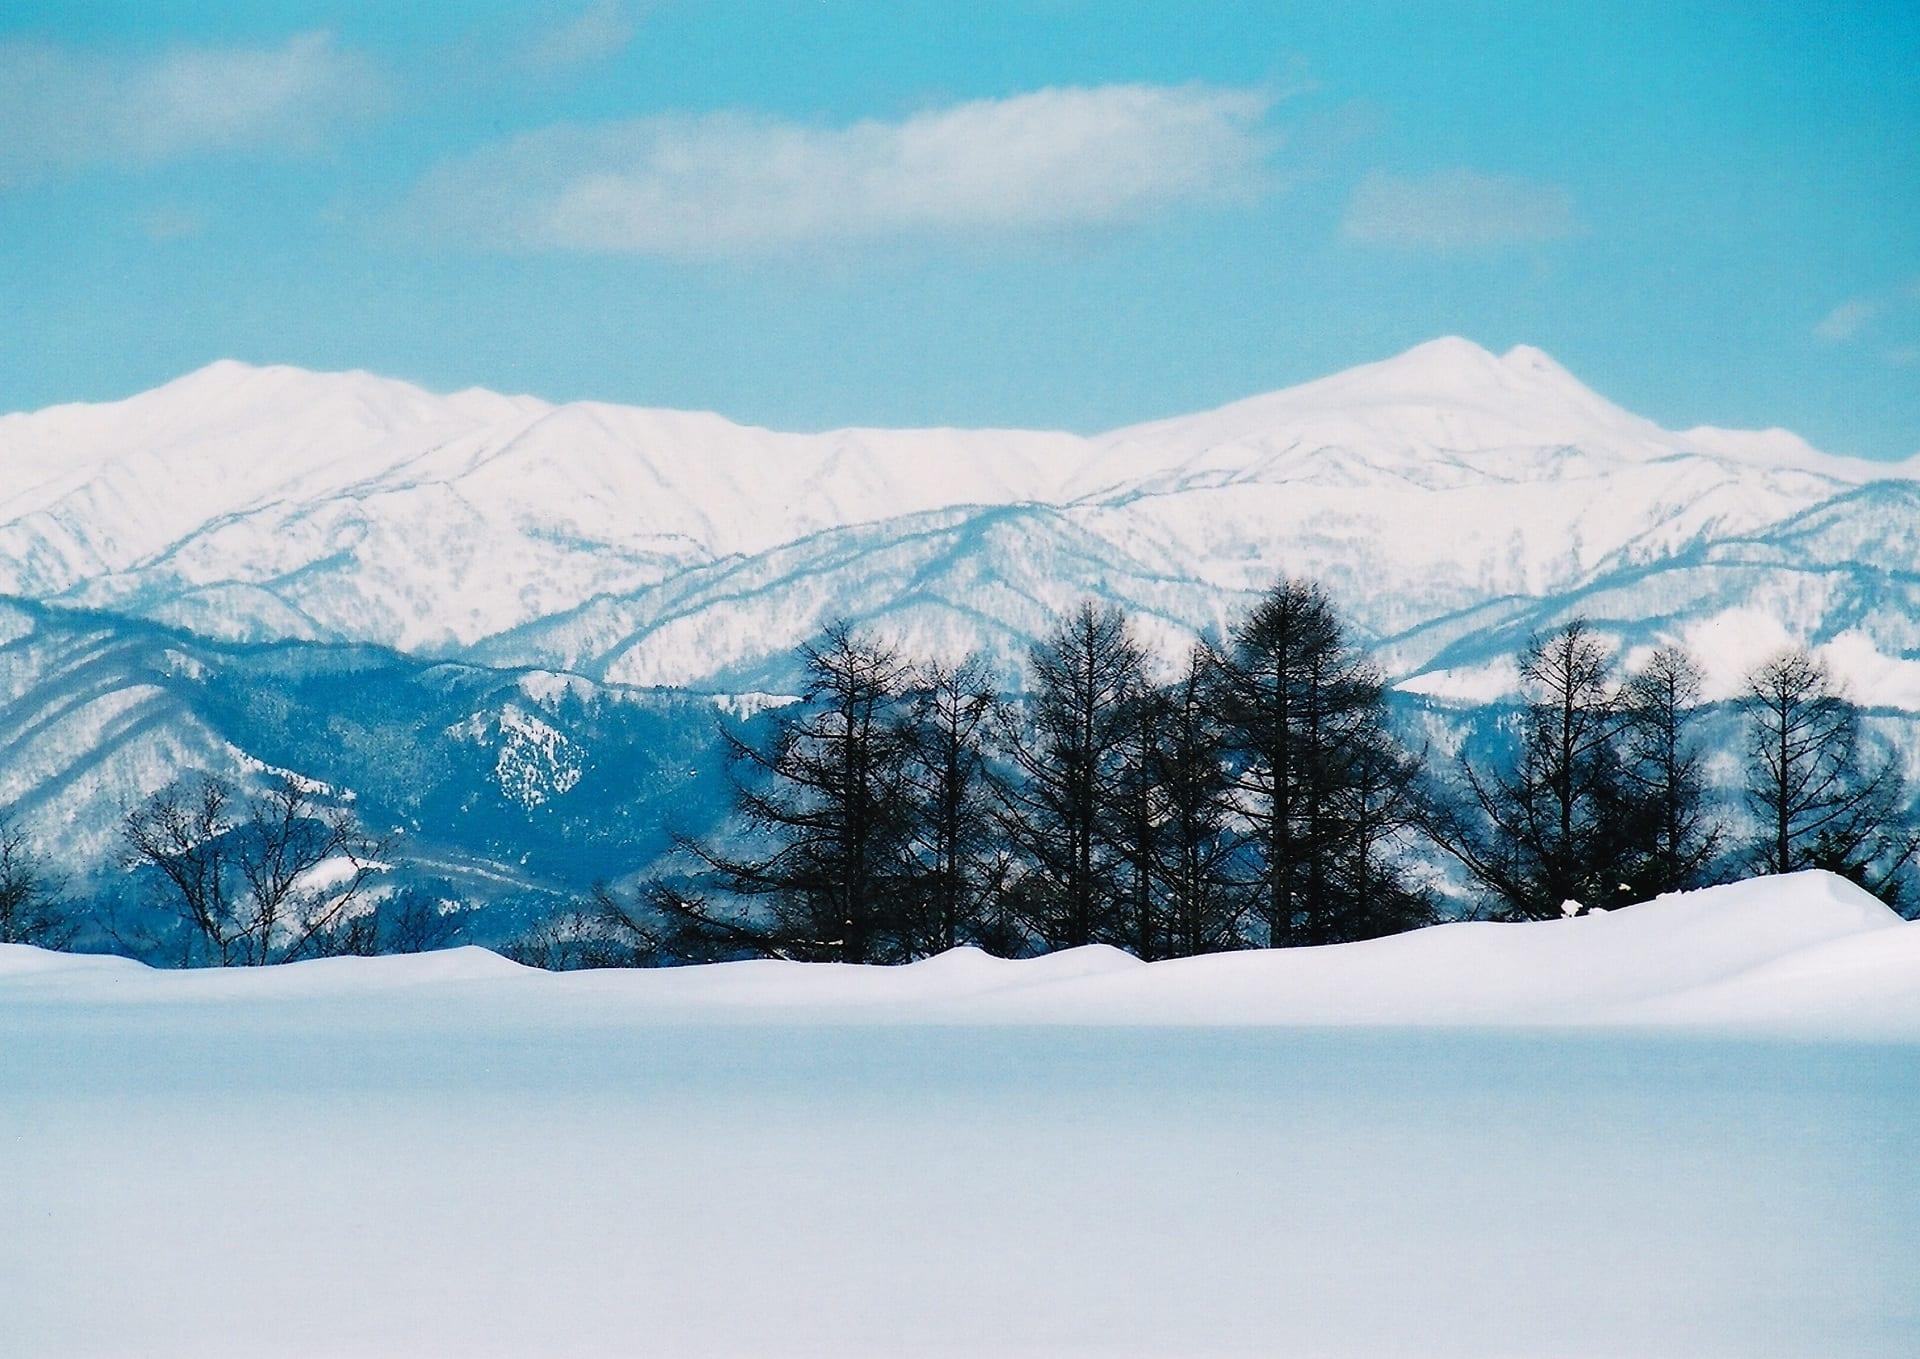 白山雪景色 2008 - 風景寫真春秋